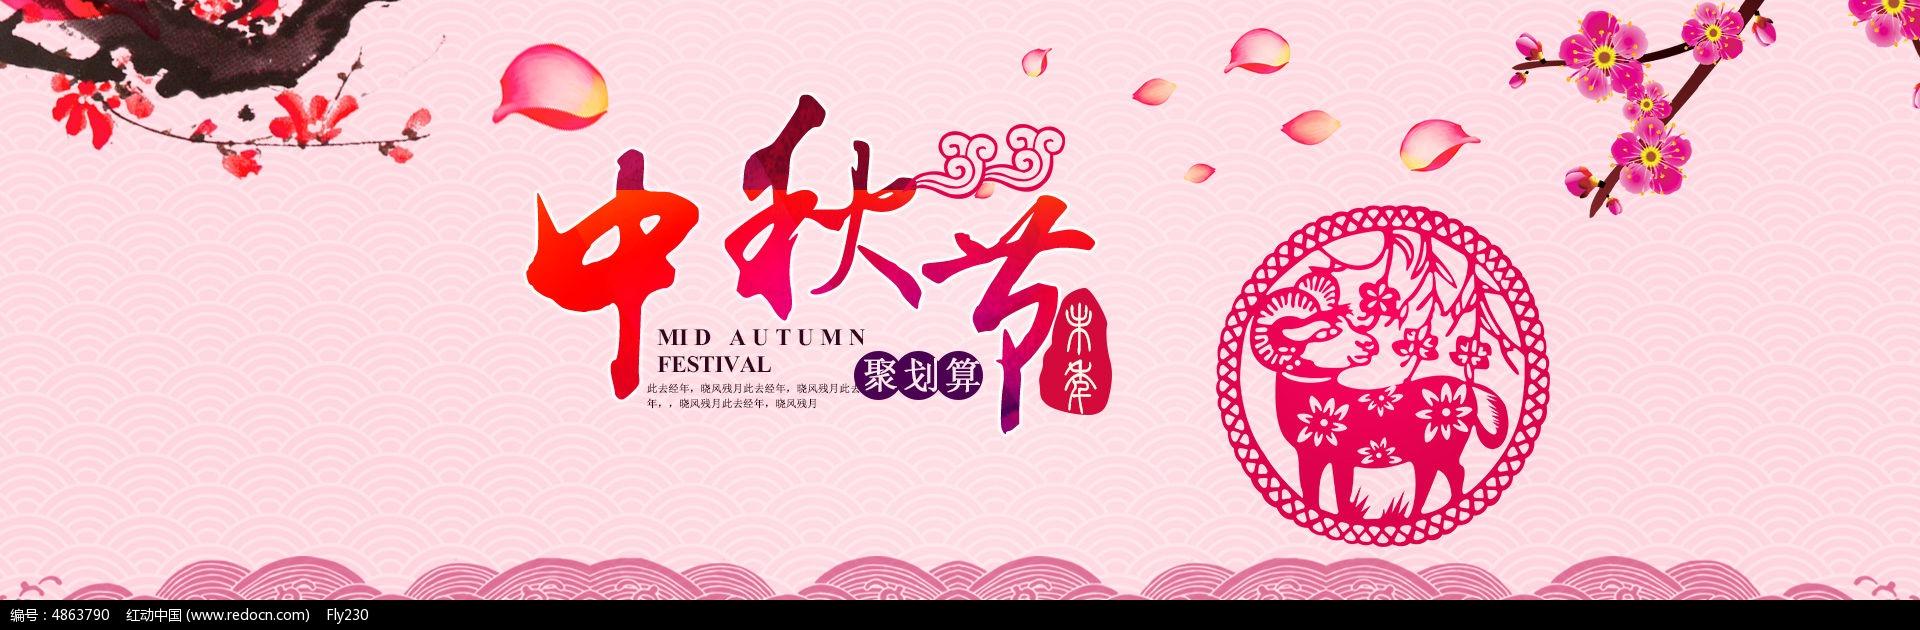 淘宝网店中秋节经典广告设计模板